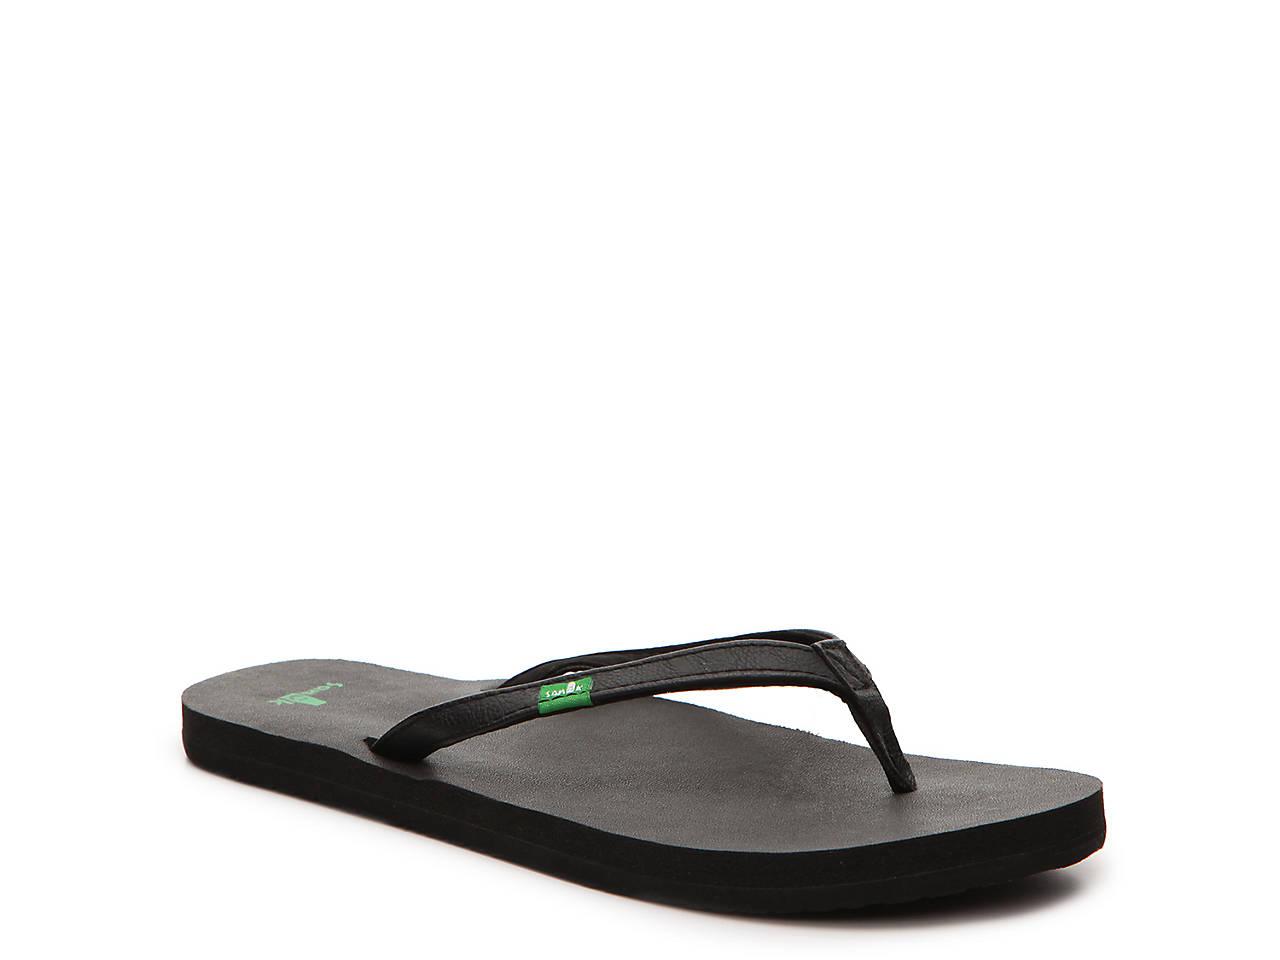 2f4d1de04fc705 Sanuk Yoga Joy Flip Flop Women s Shoes